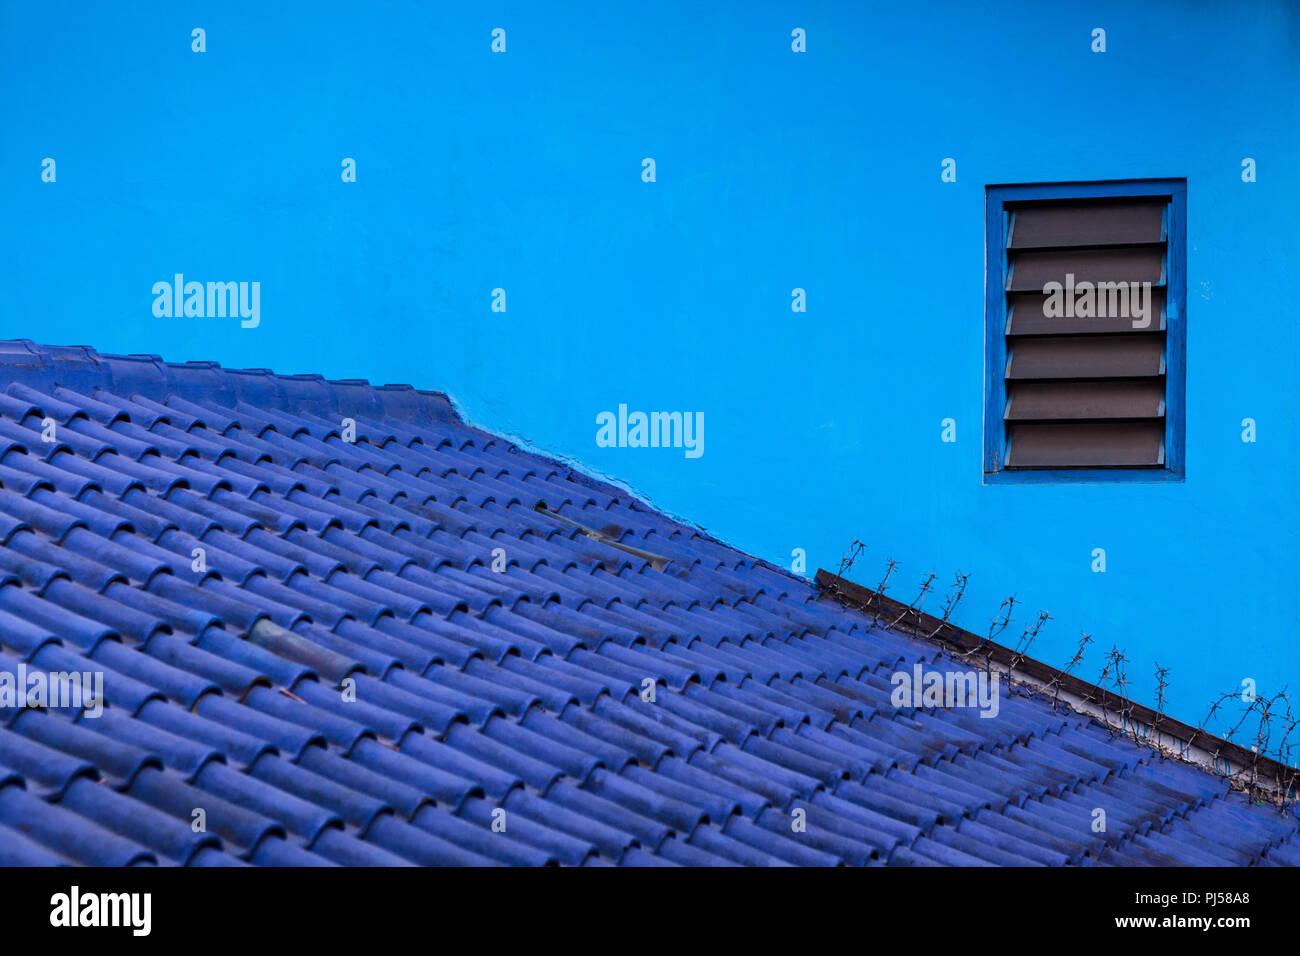 Sfondo blu. Muro di casa, tetto di tegole dipinte in varie sfumature di colore blu. Villaggio Kampung Biru è un luogo popolare per visitare per tour della città a piedi. Foto Stock